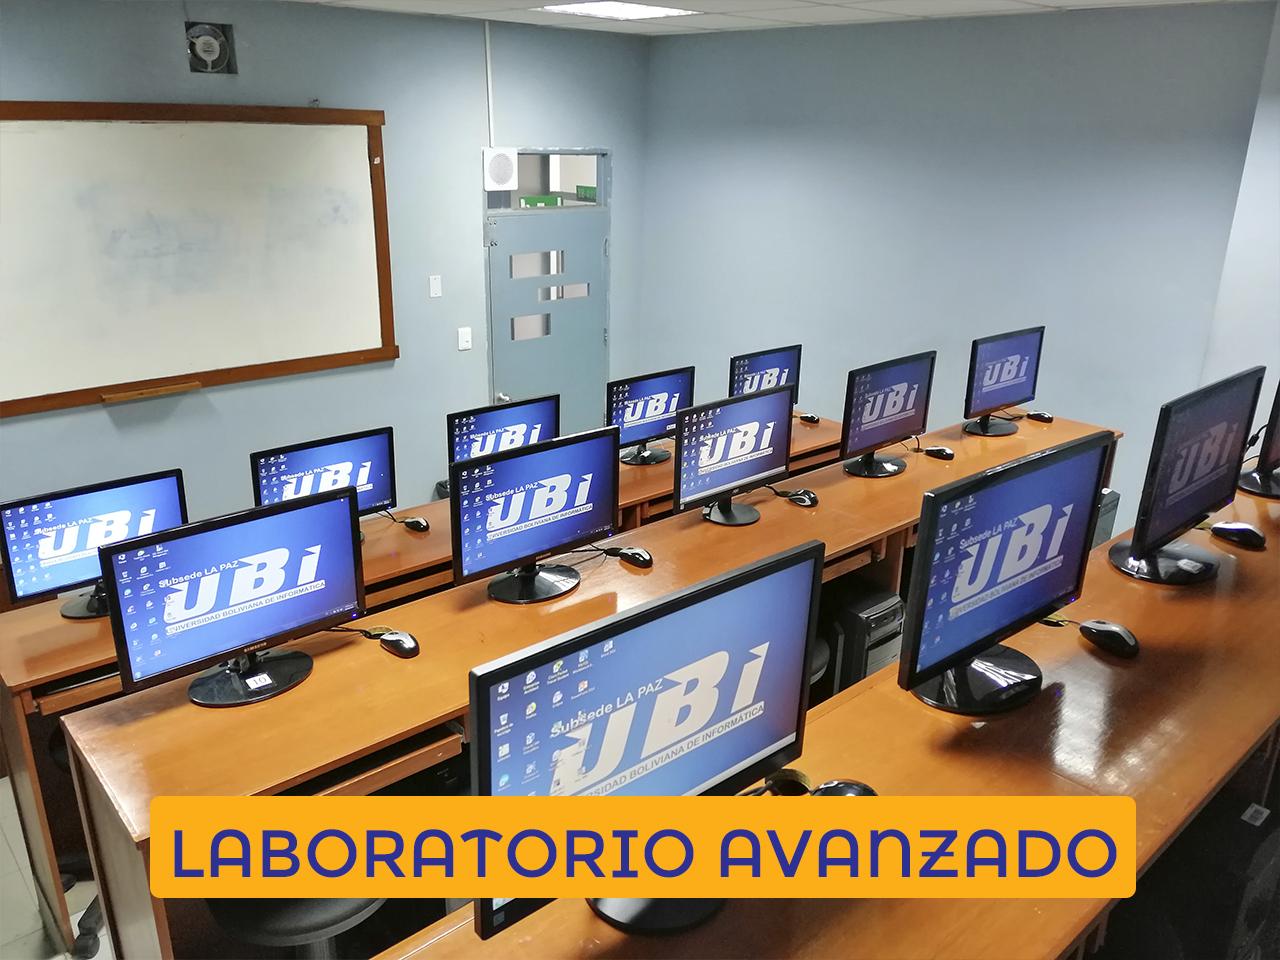 Laboratorio Avanzado 01